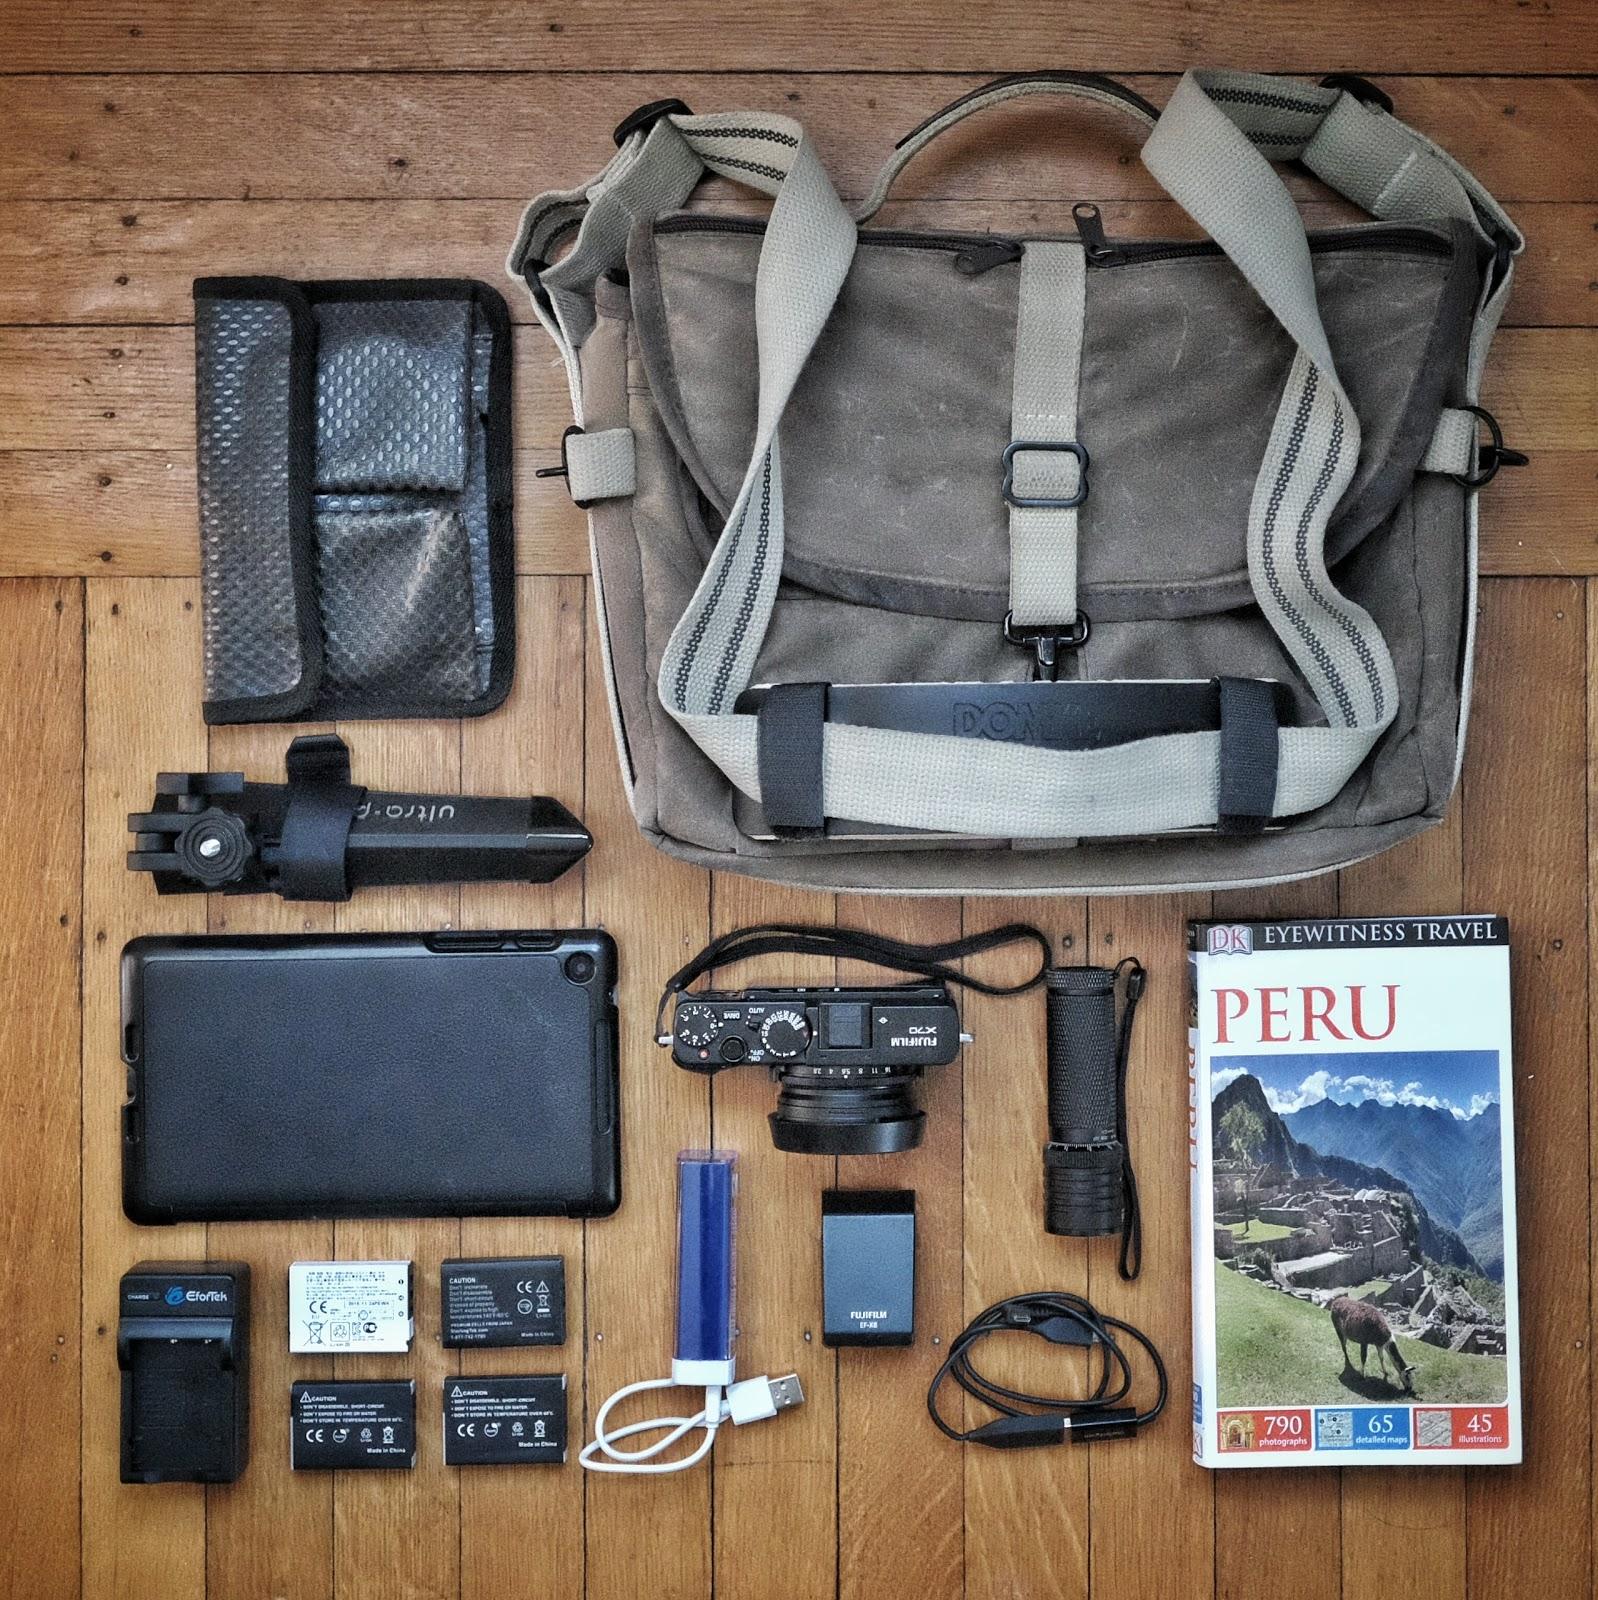 Fujifilm X70 Travel Kit